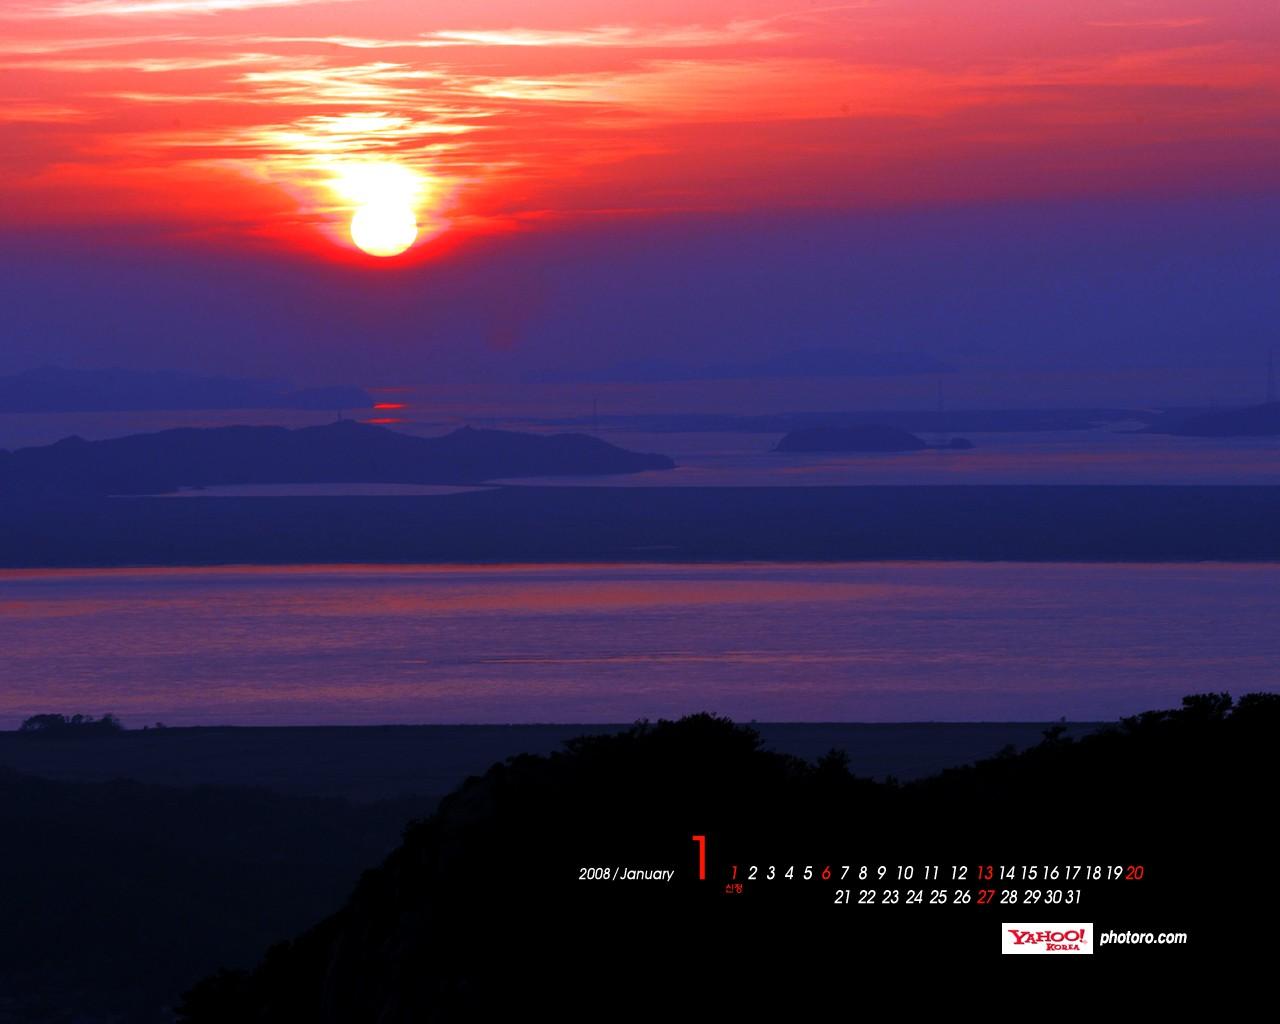 黄昏夕阳风景图片素材(21p)